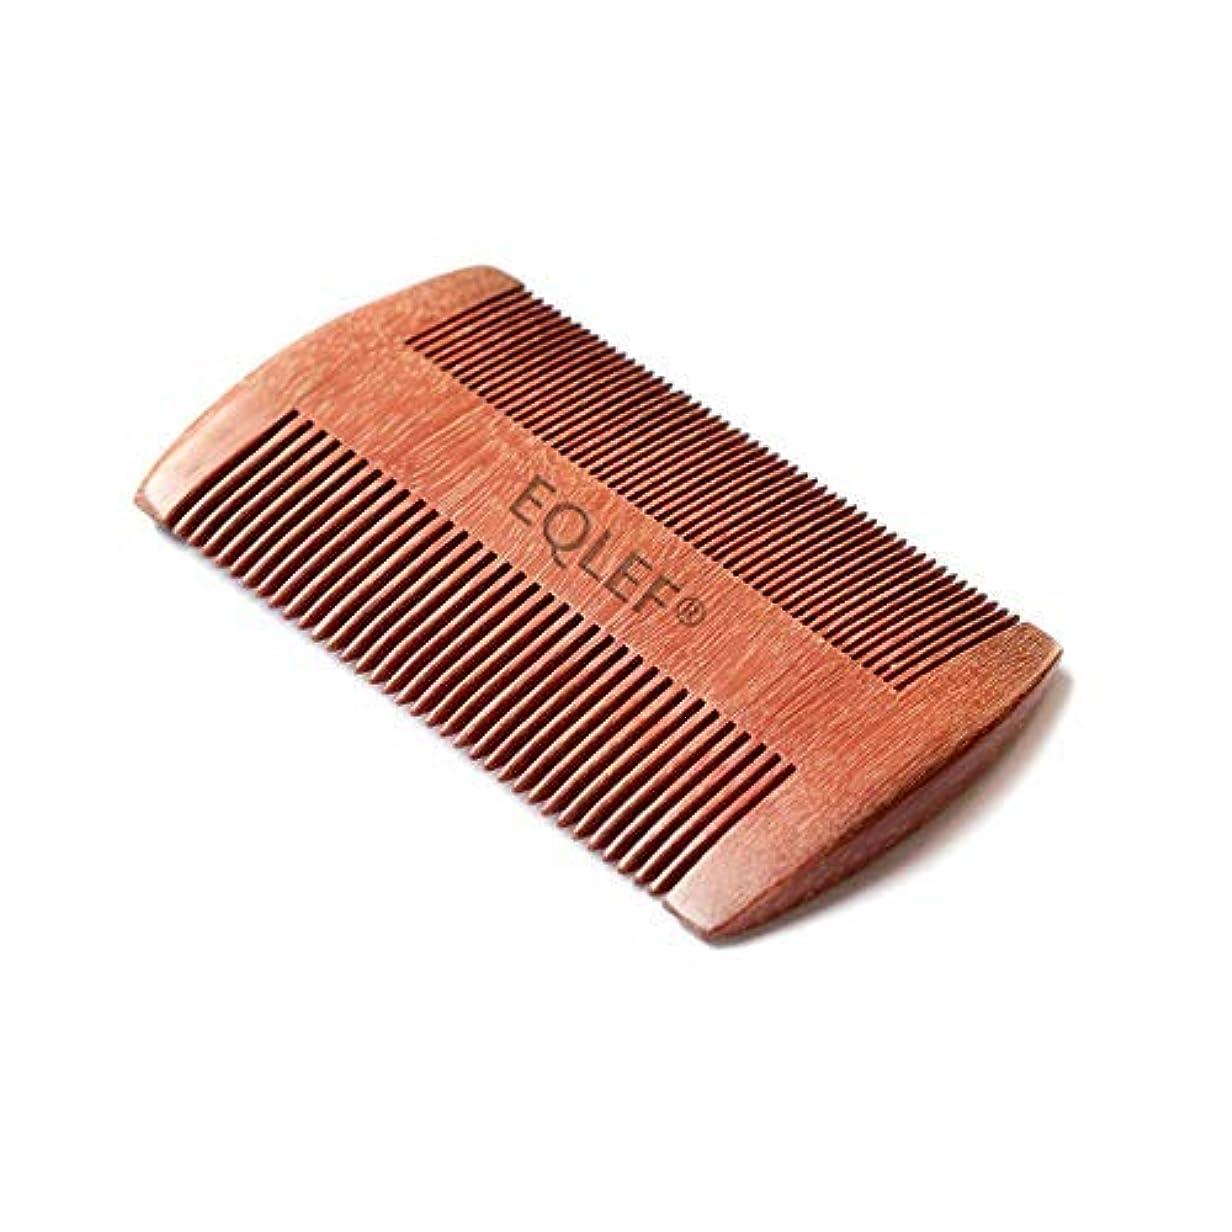 驚くばかり同情的パラナ川EQLEF? Red sandalwood no static handmade comb, Pocket comb (beard) [並行輸入品]